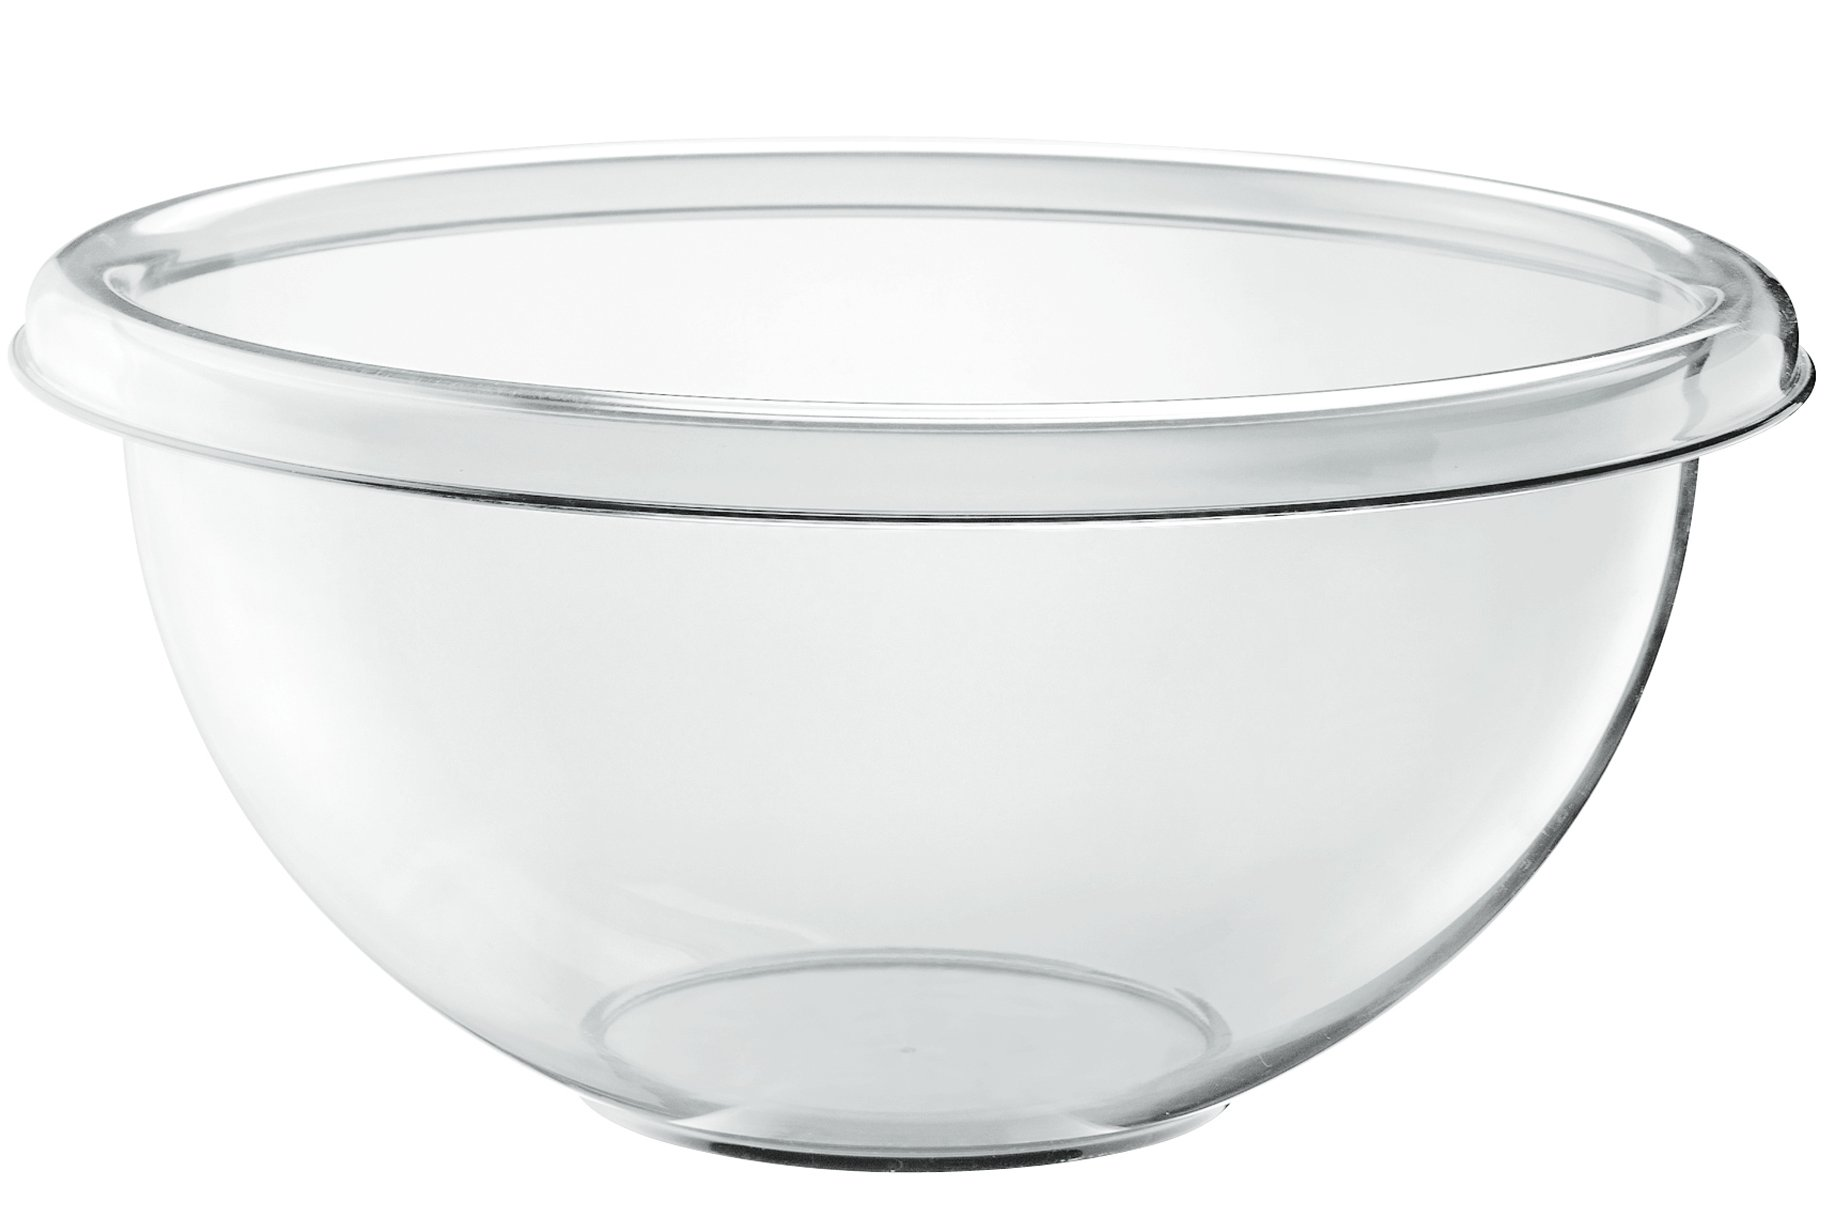 Guzzini Happy Hour Bowl, 13-3/4-Inches